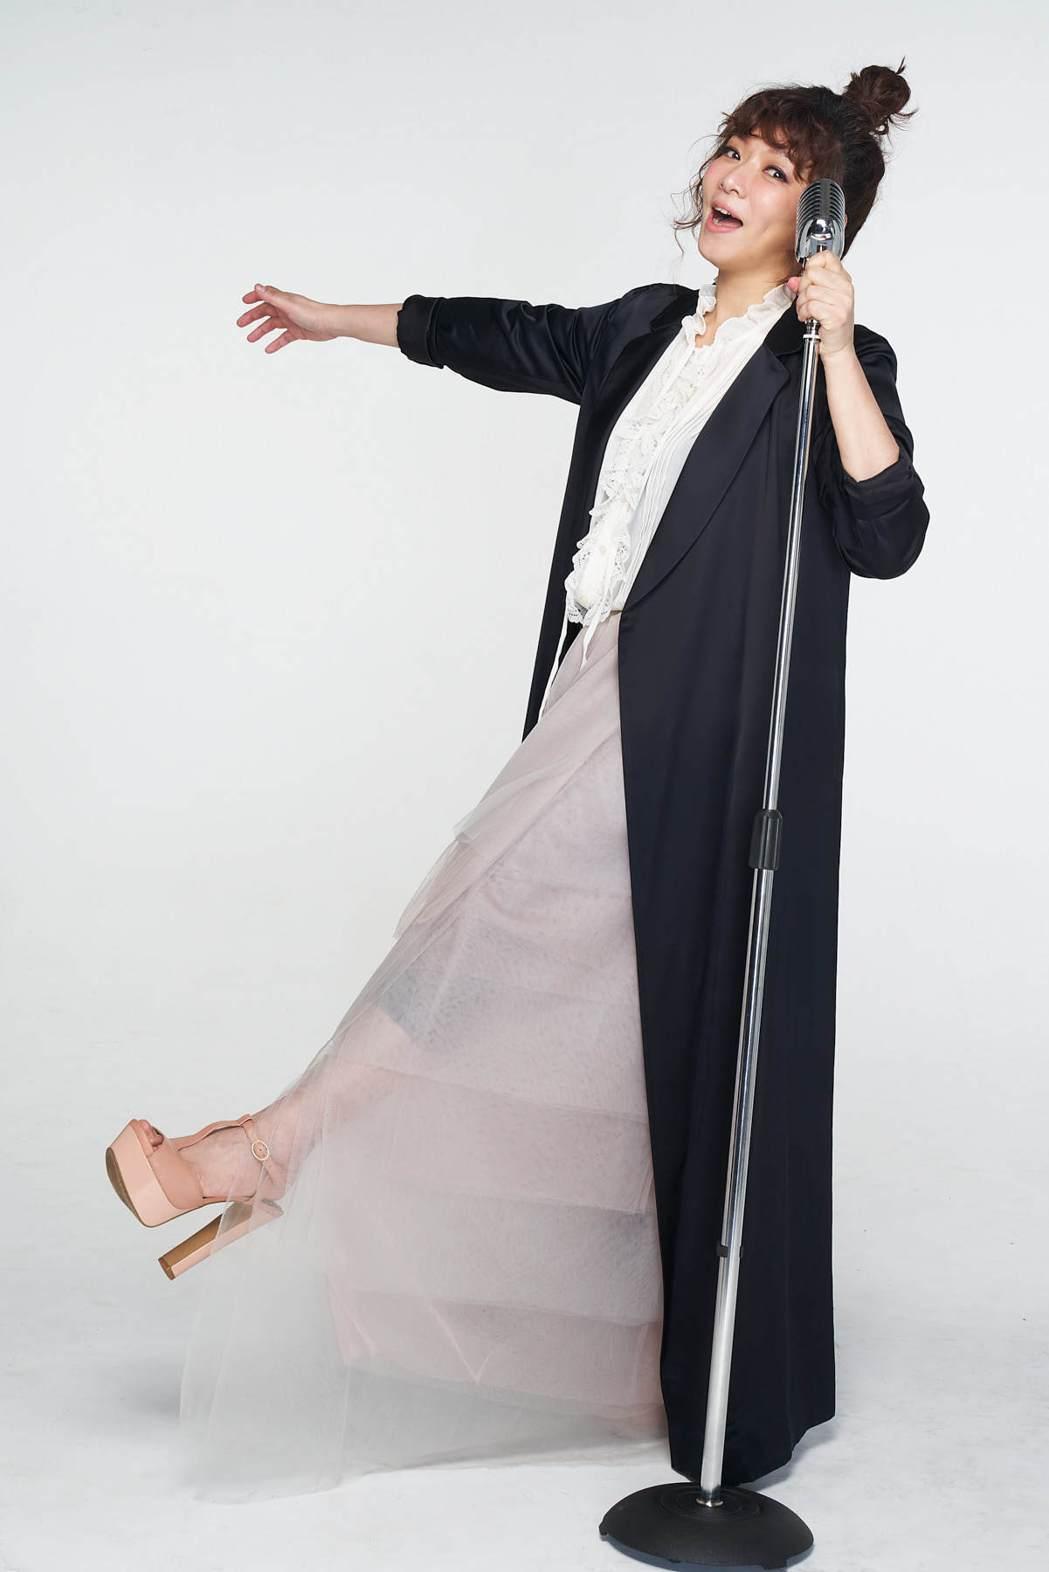 趙詠華將在3月27日舉辦「華逸登場演唱會」。圖/遠雄創藝提供